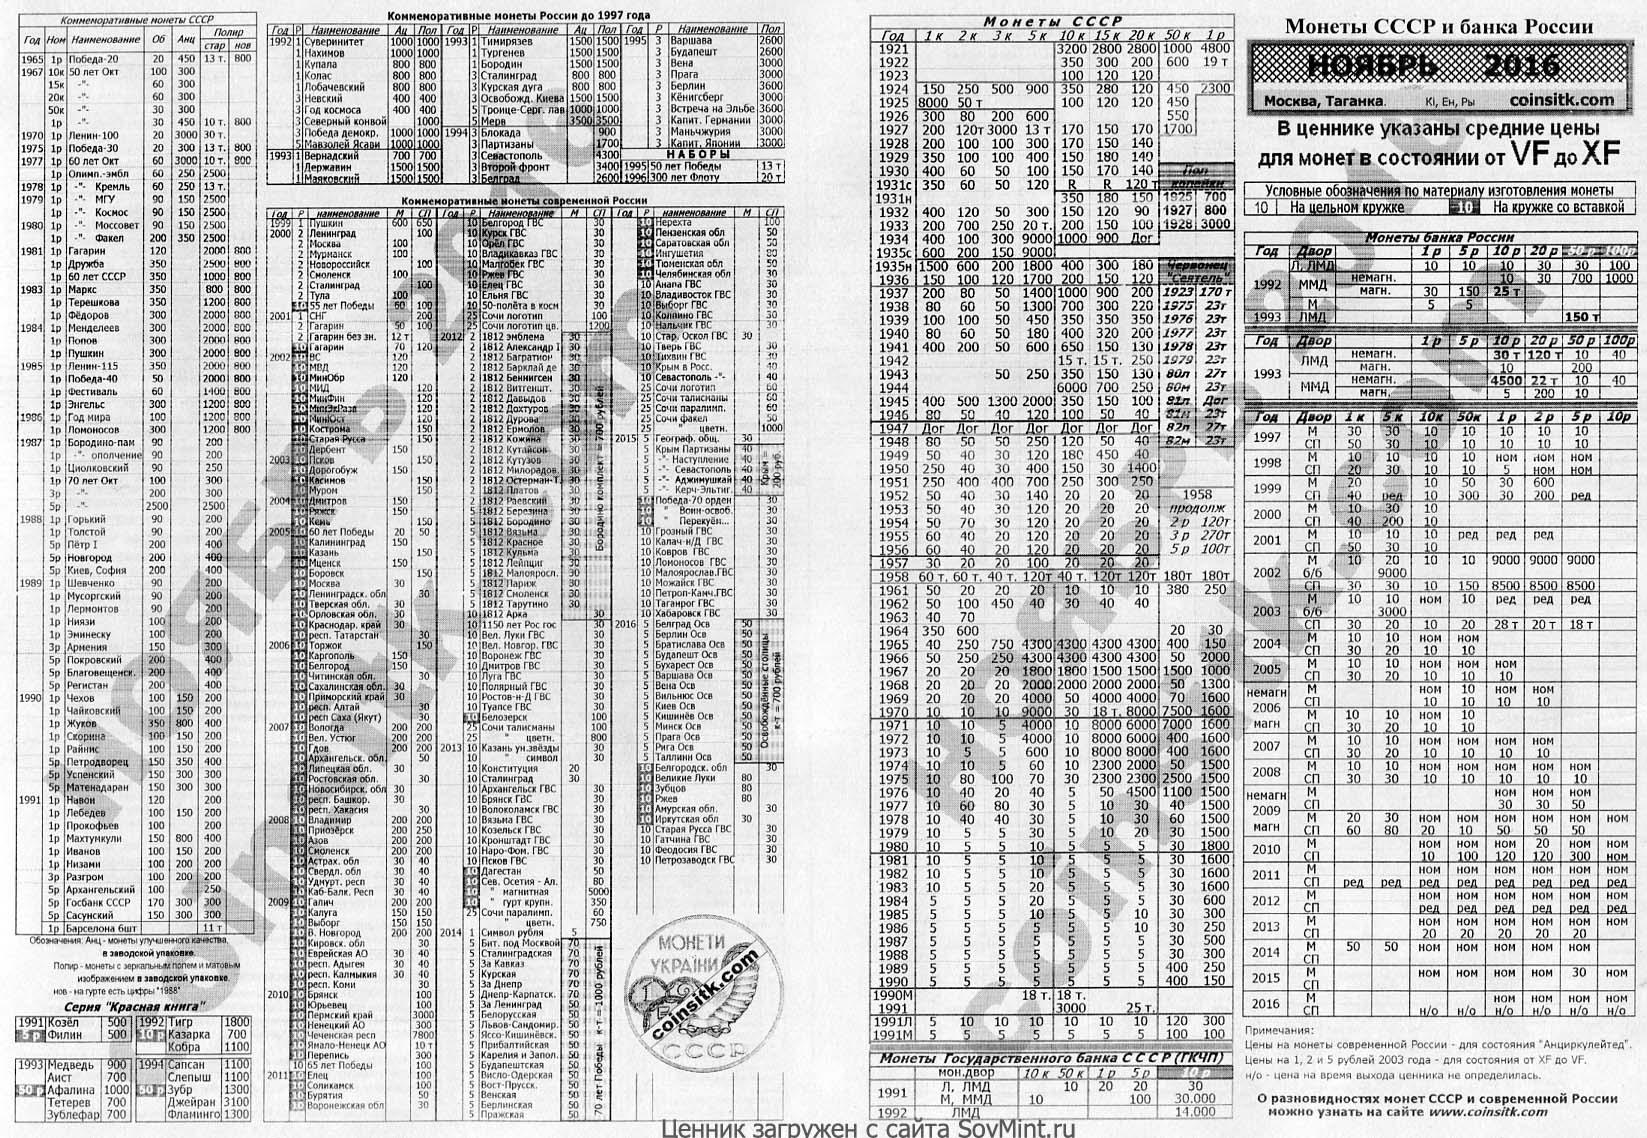 Таганский ценник ноябрь 873 проба